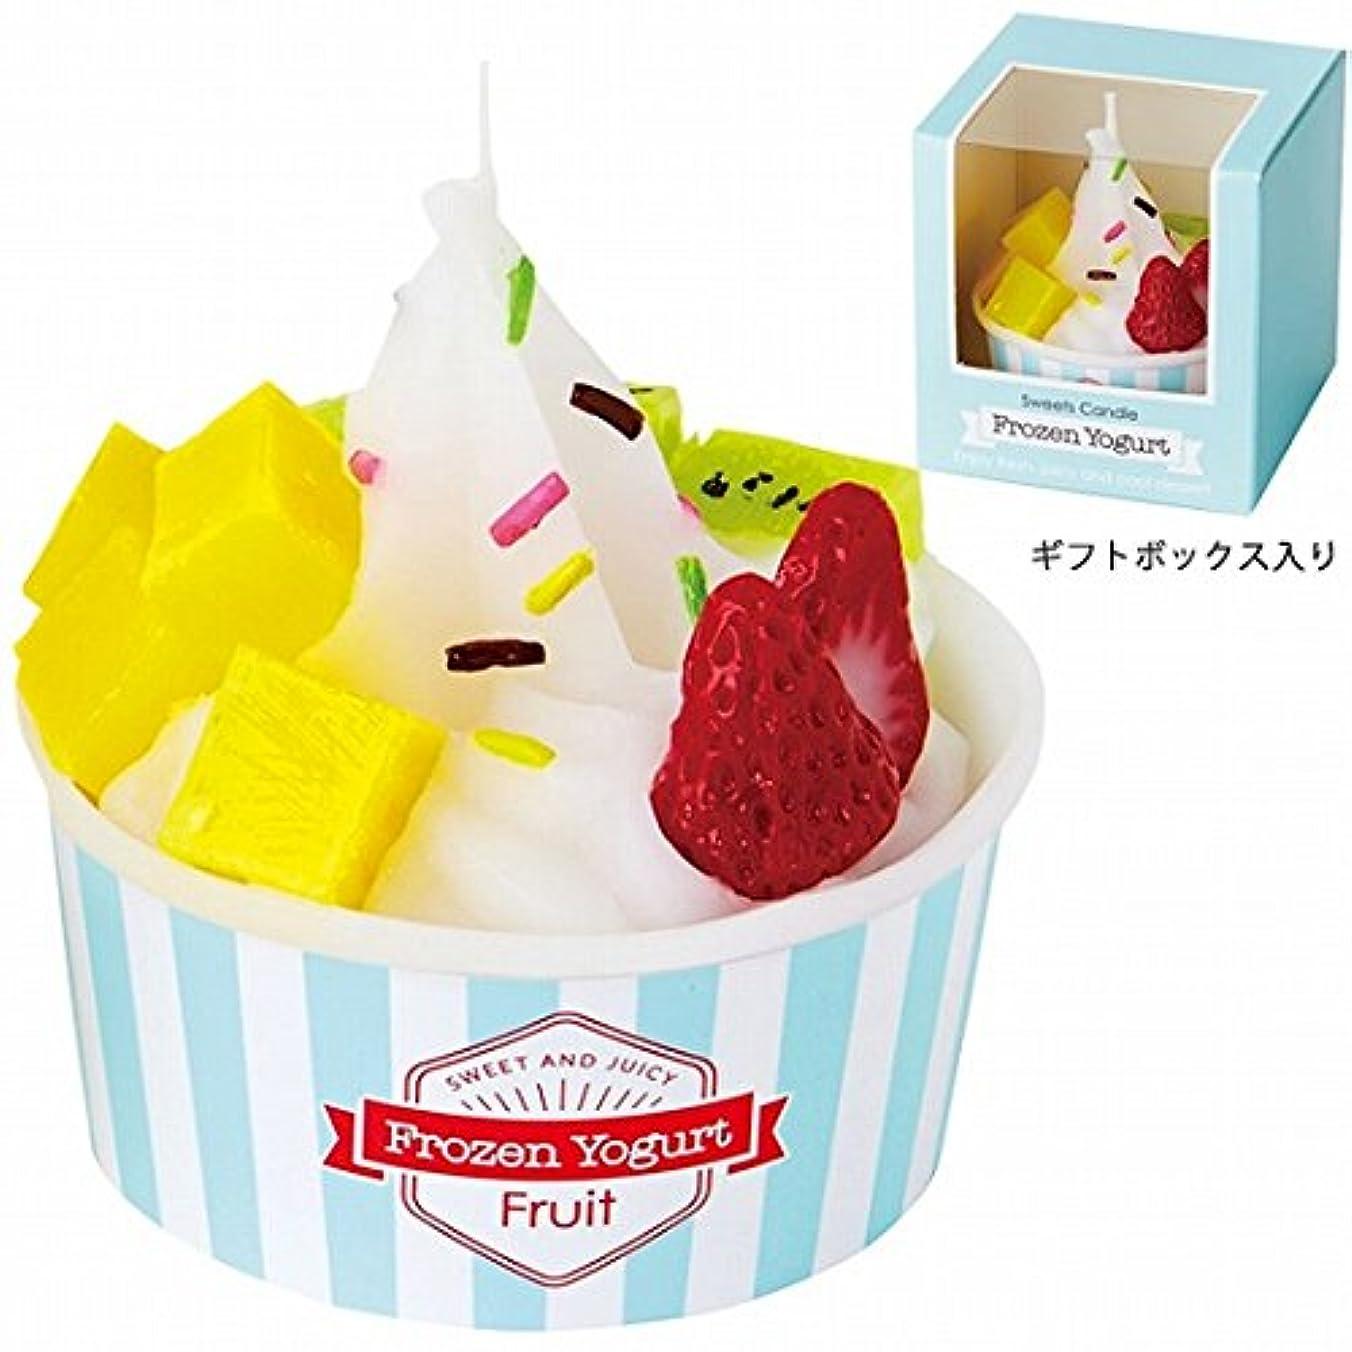 ドキドキ関連するナットkameyama candle(カメヤマキャンドル) フローズンヨーグルトキャンドル 「フルーツ」 4個セット(A4670520)